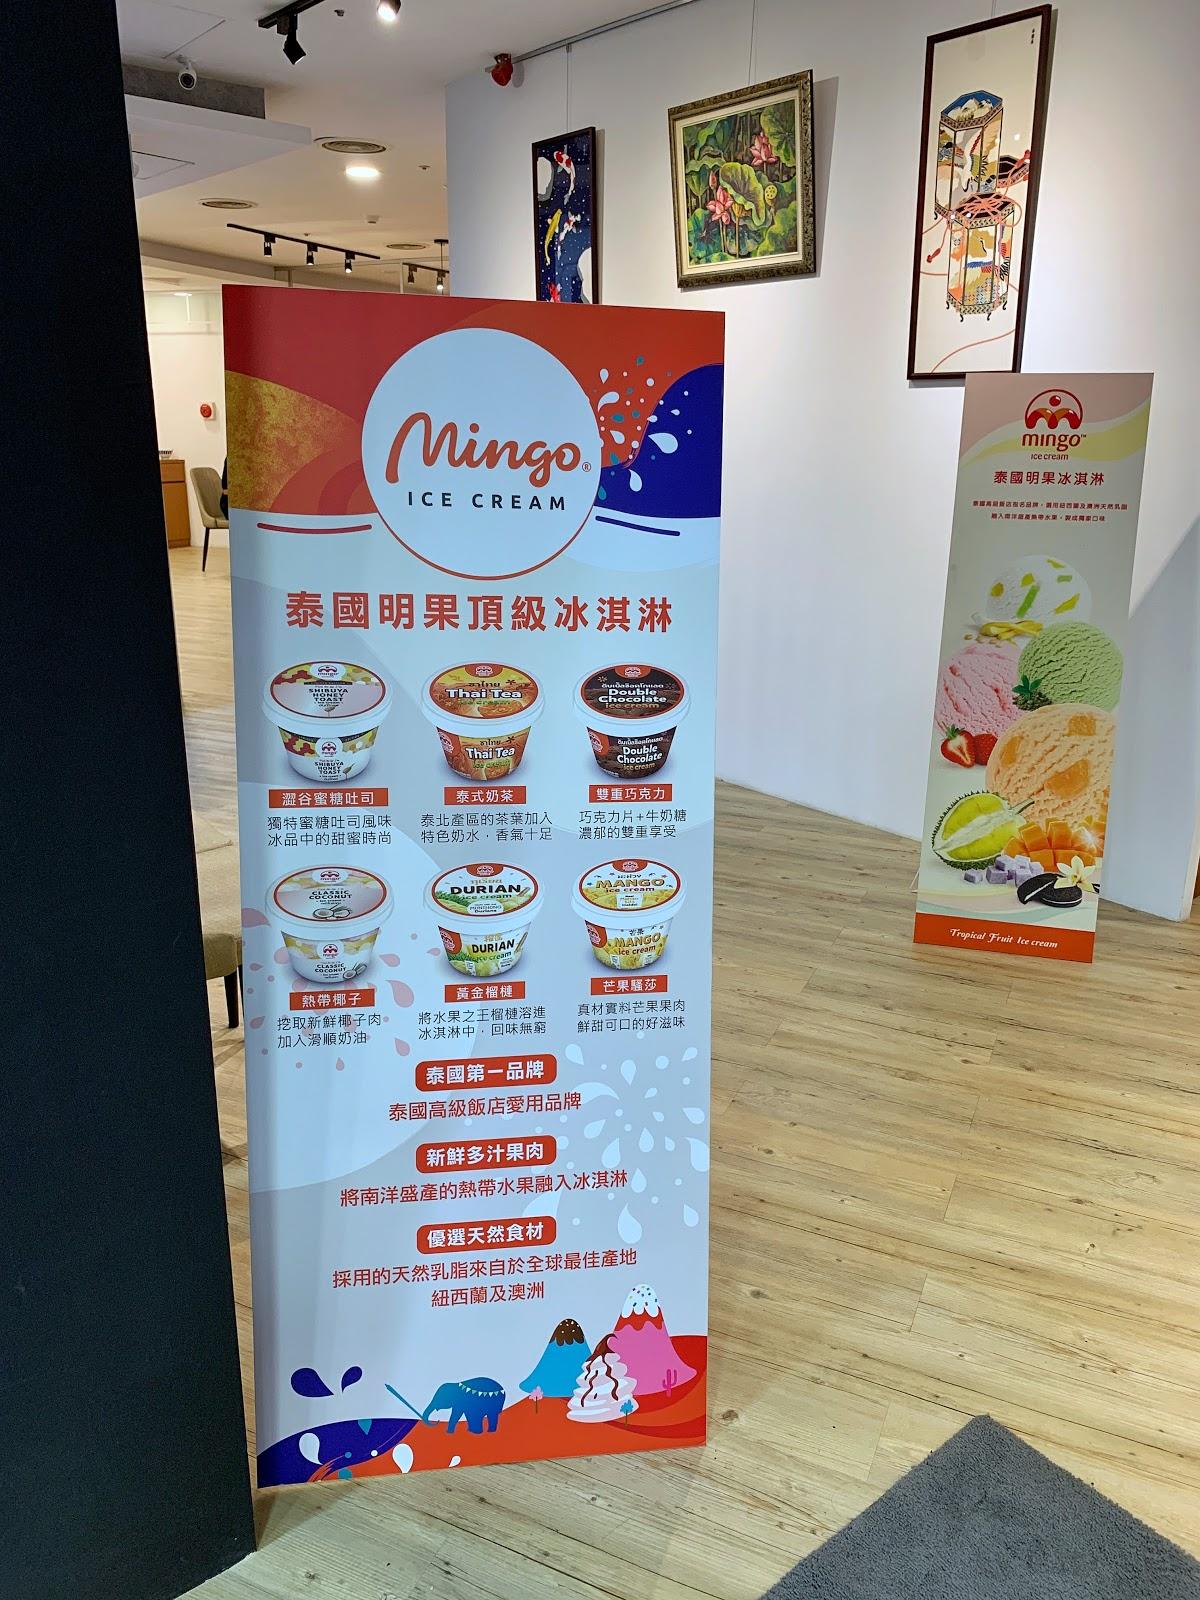 小XM迴轉麻辣鍋冰品介紹